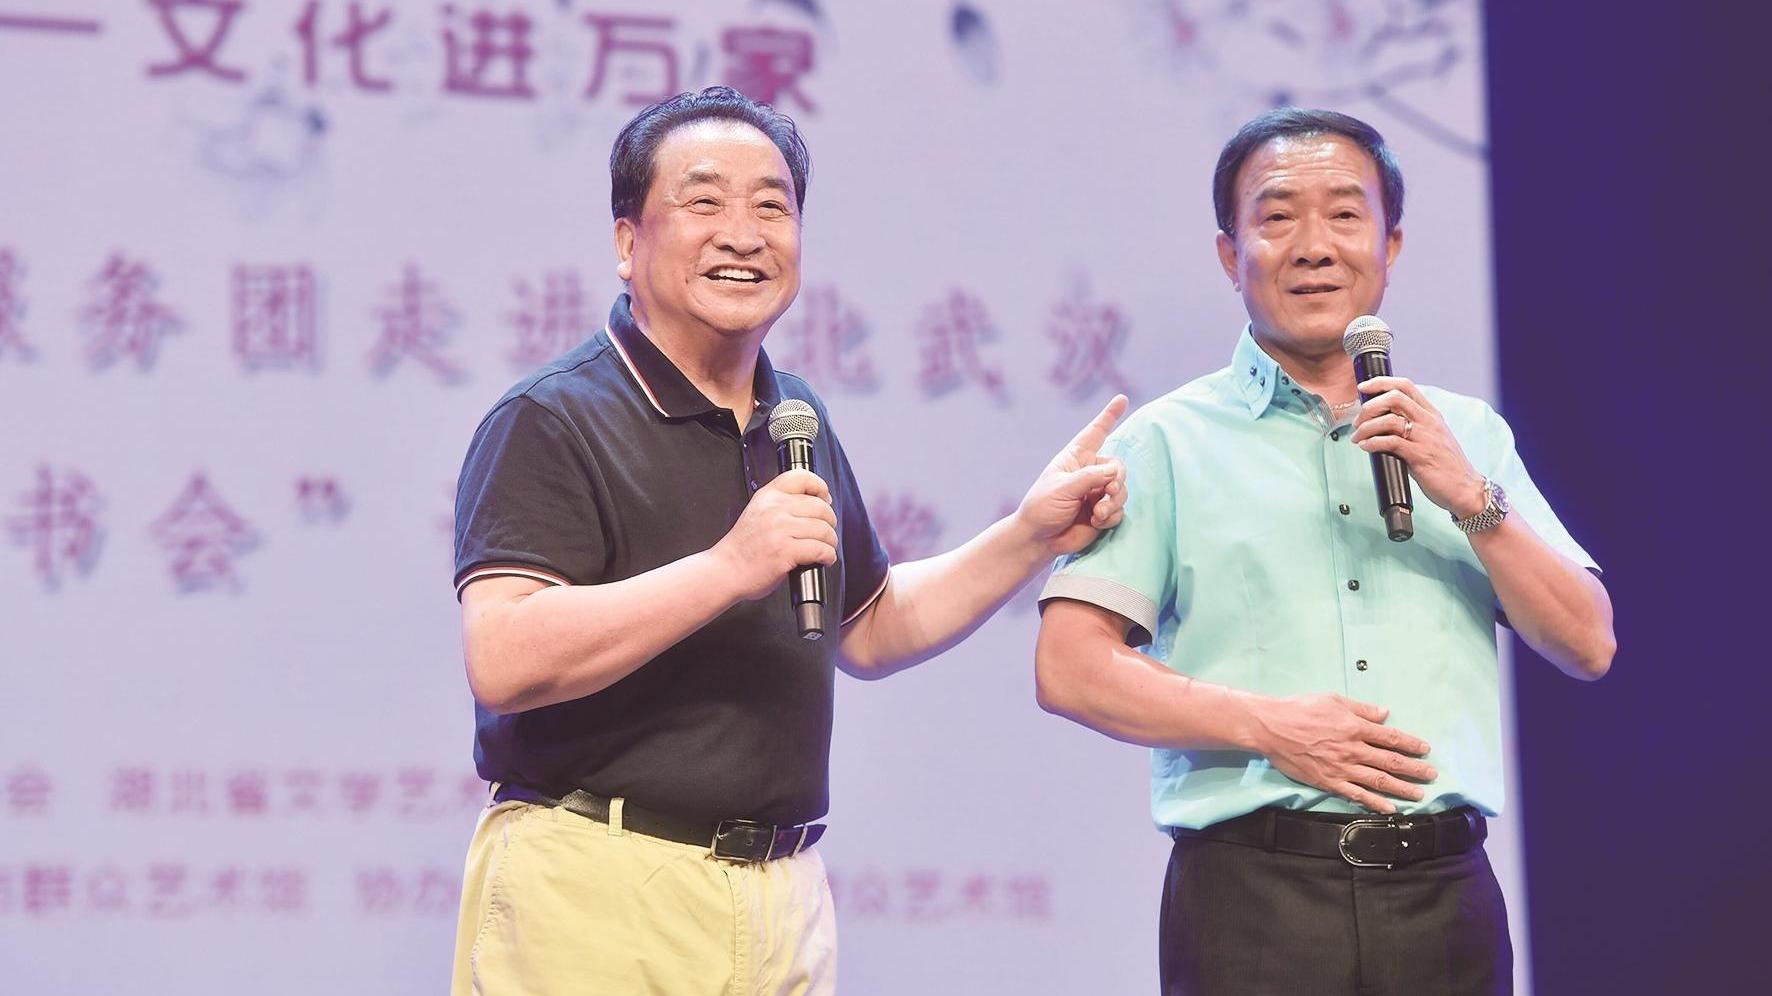 中国曲协大咖齐聚江城送欢笑